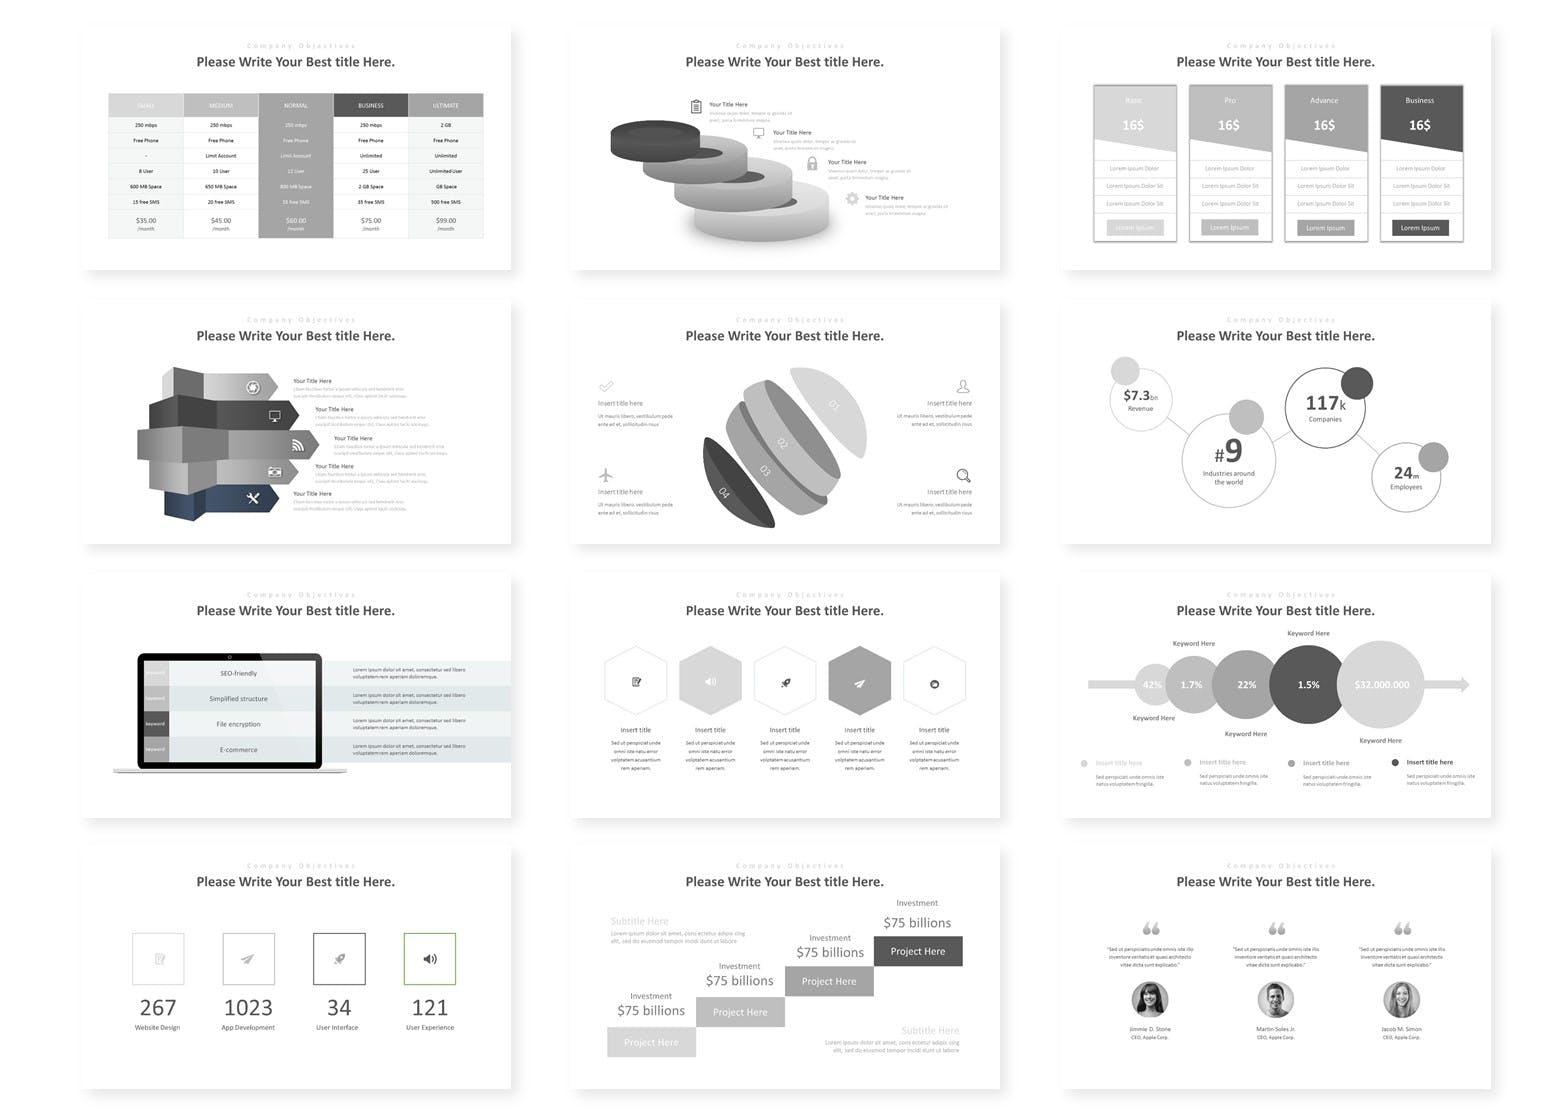 多用途企业业务演示PPT幻灯片模板Himense Google Slides Template插图(2)